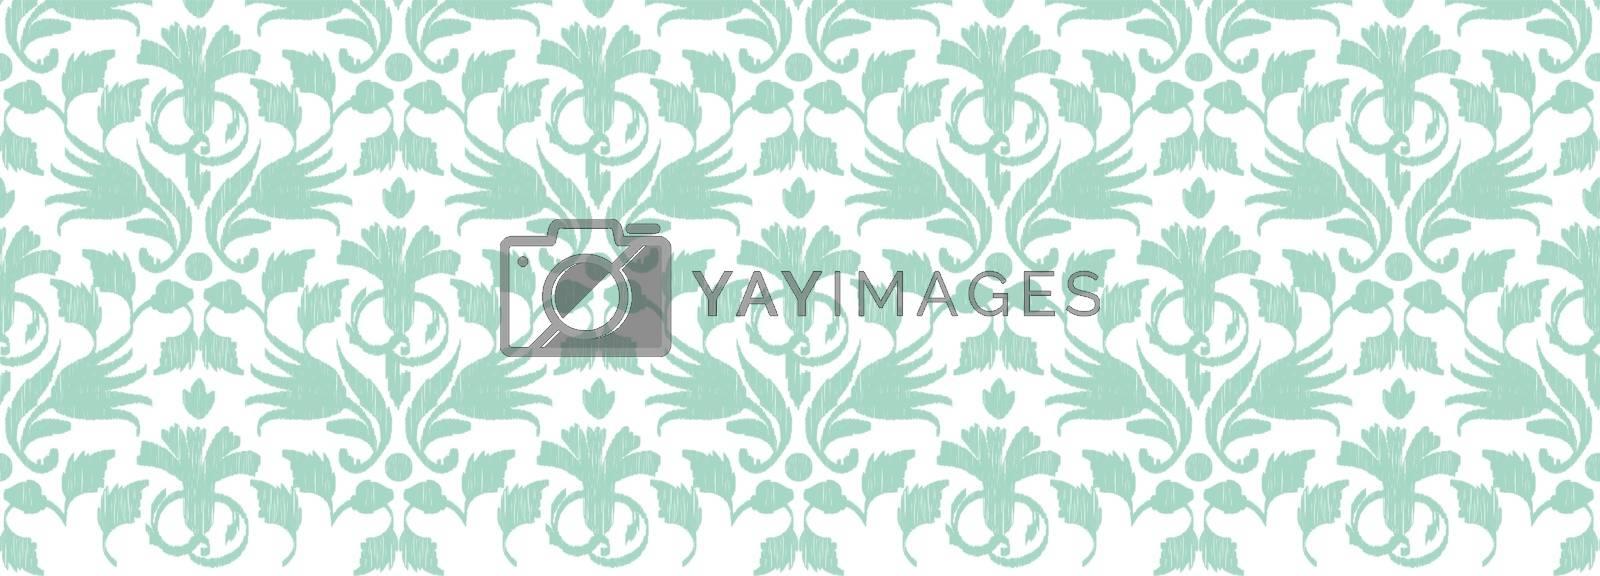 Royalty free image of Vector abstract green ikat horizontal border seamless pattern ba by Oksancia